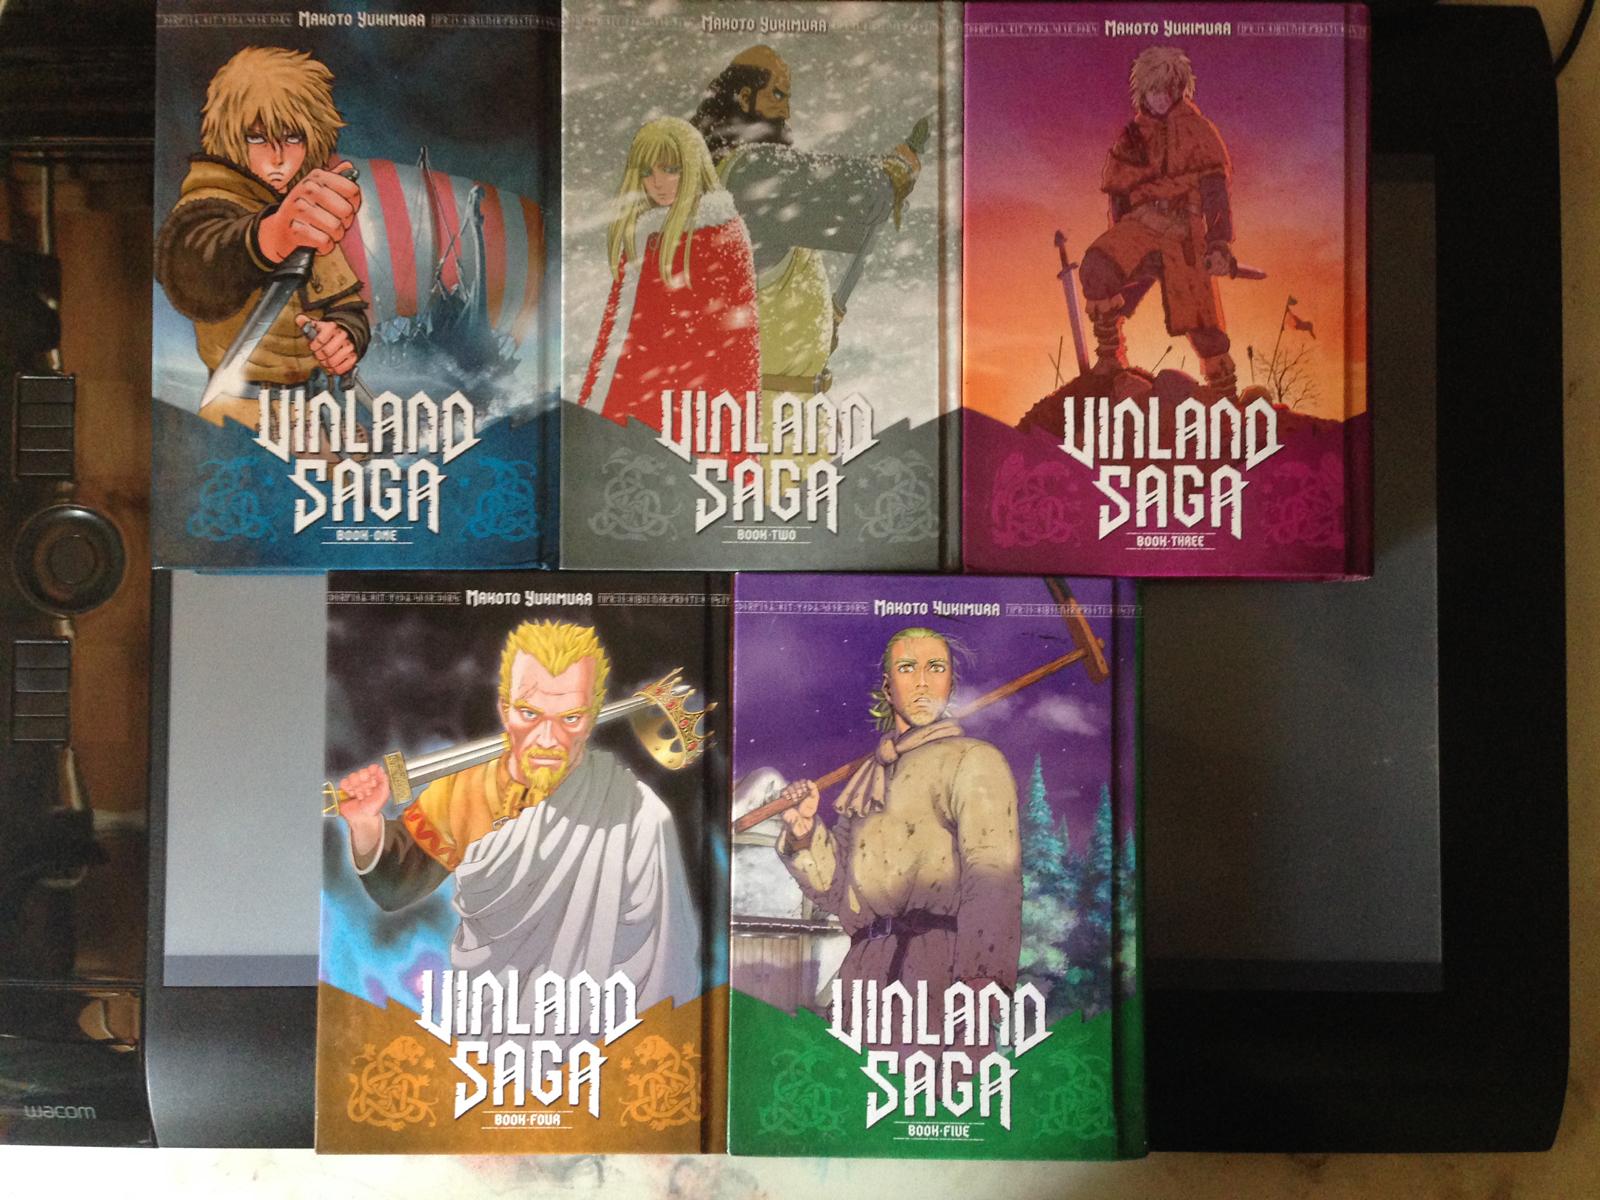 Vinland-Saga-all-covers